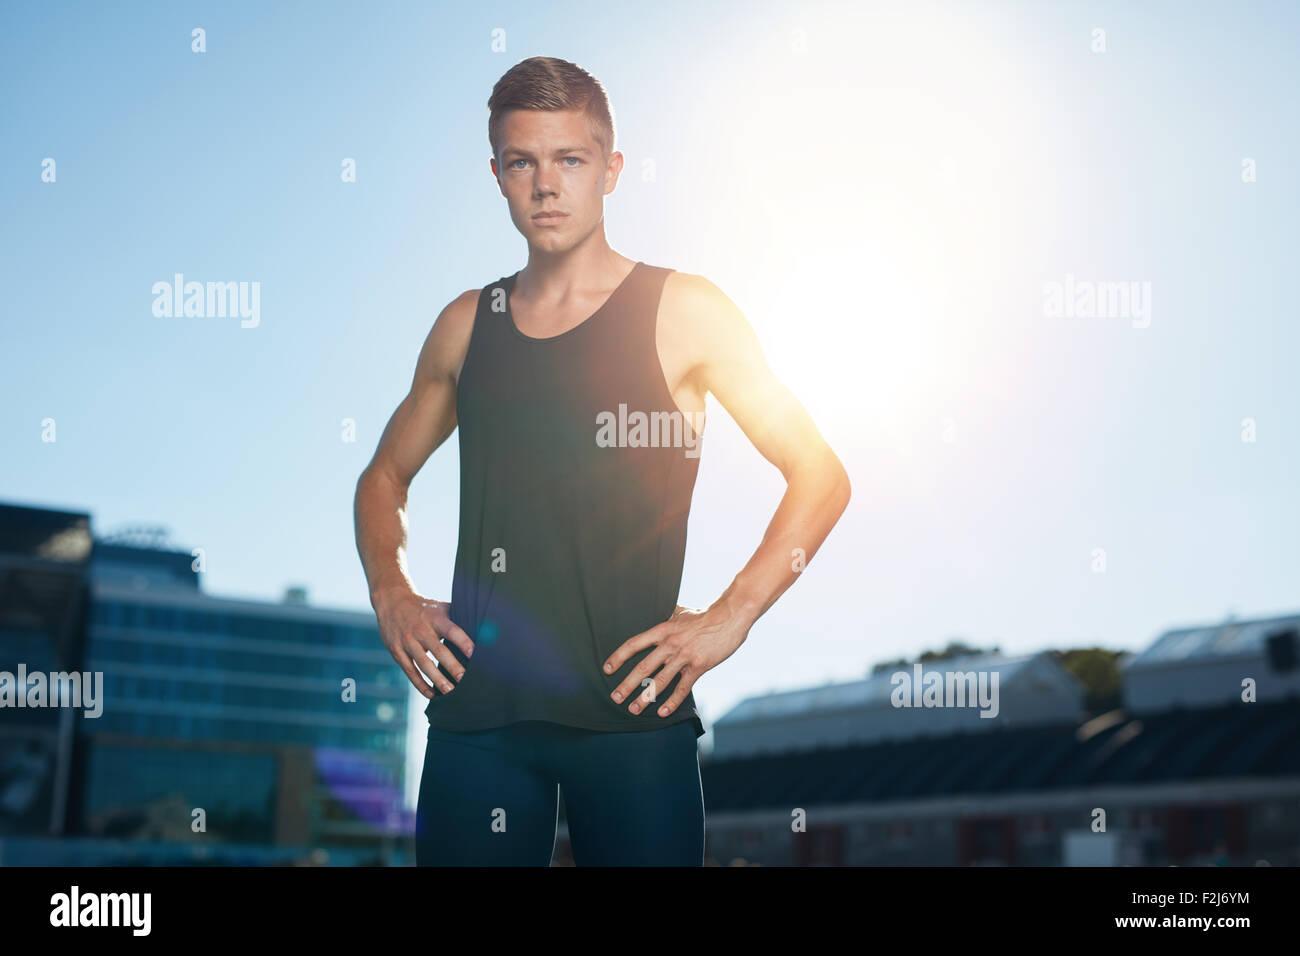 Tourné en plein air de jeune homme sur la préparation du stade pour une course. Athlète masculin Photo Stock